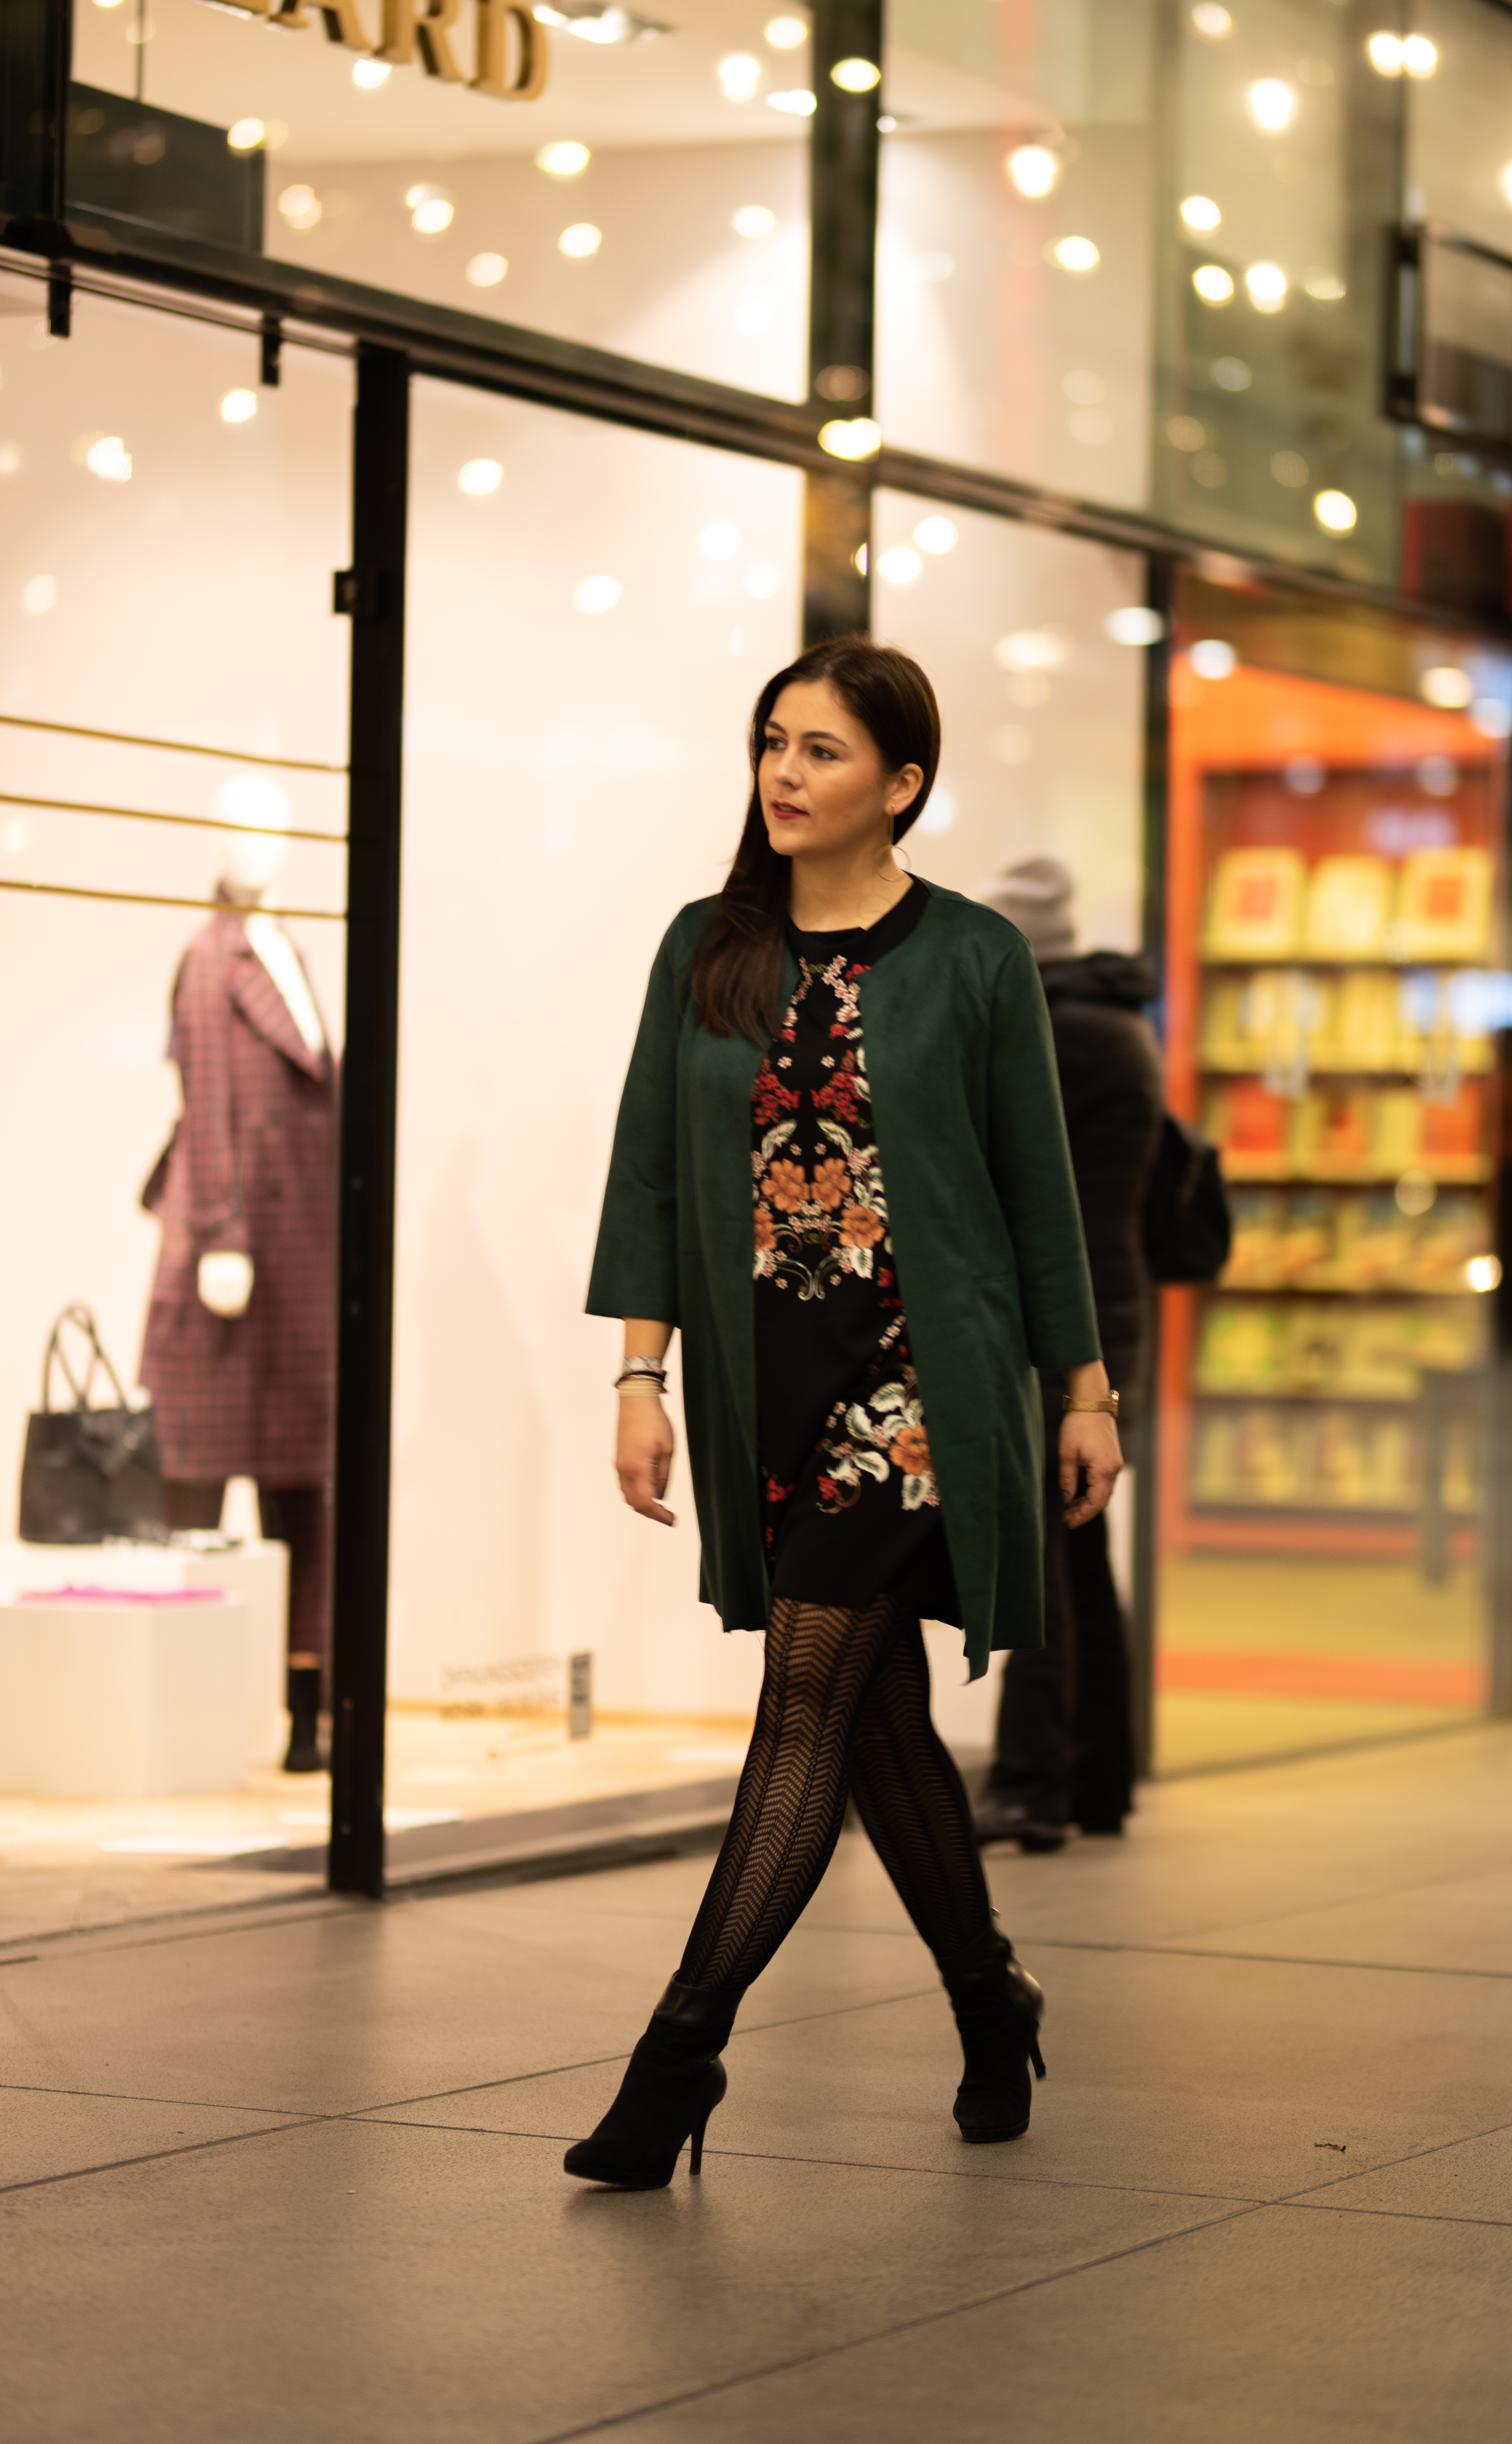 Kleiderschrank Check, Style Coaching, Neuer Look - Nathalie Dorff von Fashiondeluxxe in einer Outfitkombination von Jasmin Leheta